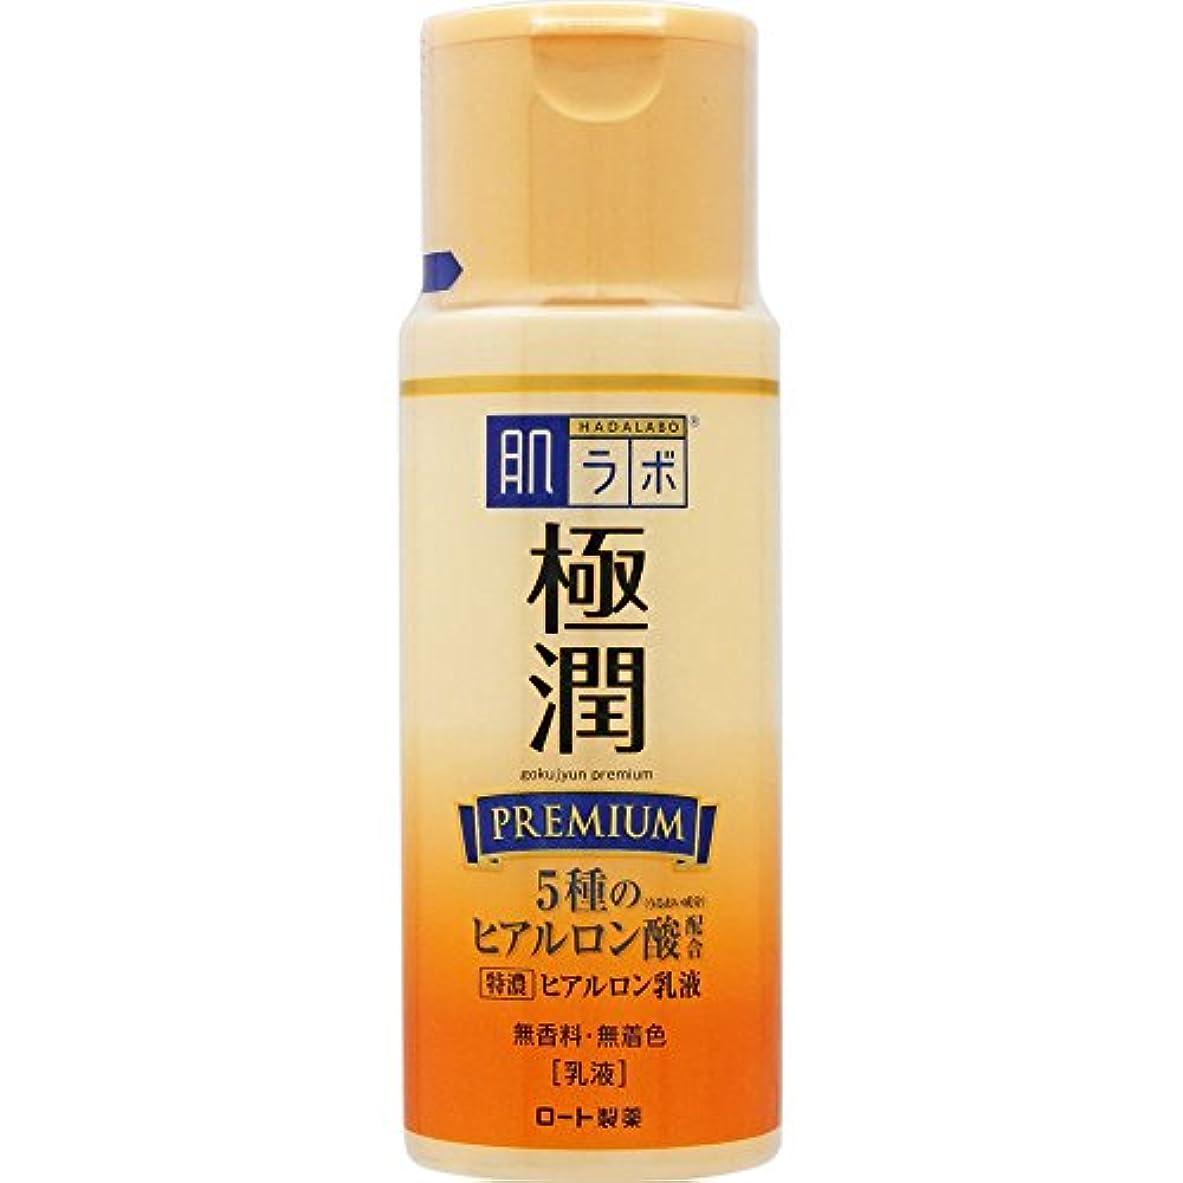 売る放置遵守する肌ラボ 極潤プレミアム 特濃ヒアルロン乳液 ヒアルロン酸5種類×サクラン配合 140ml